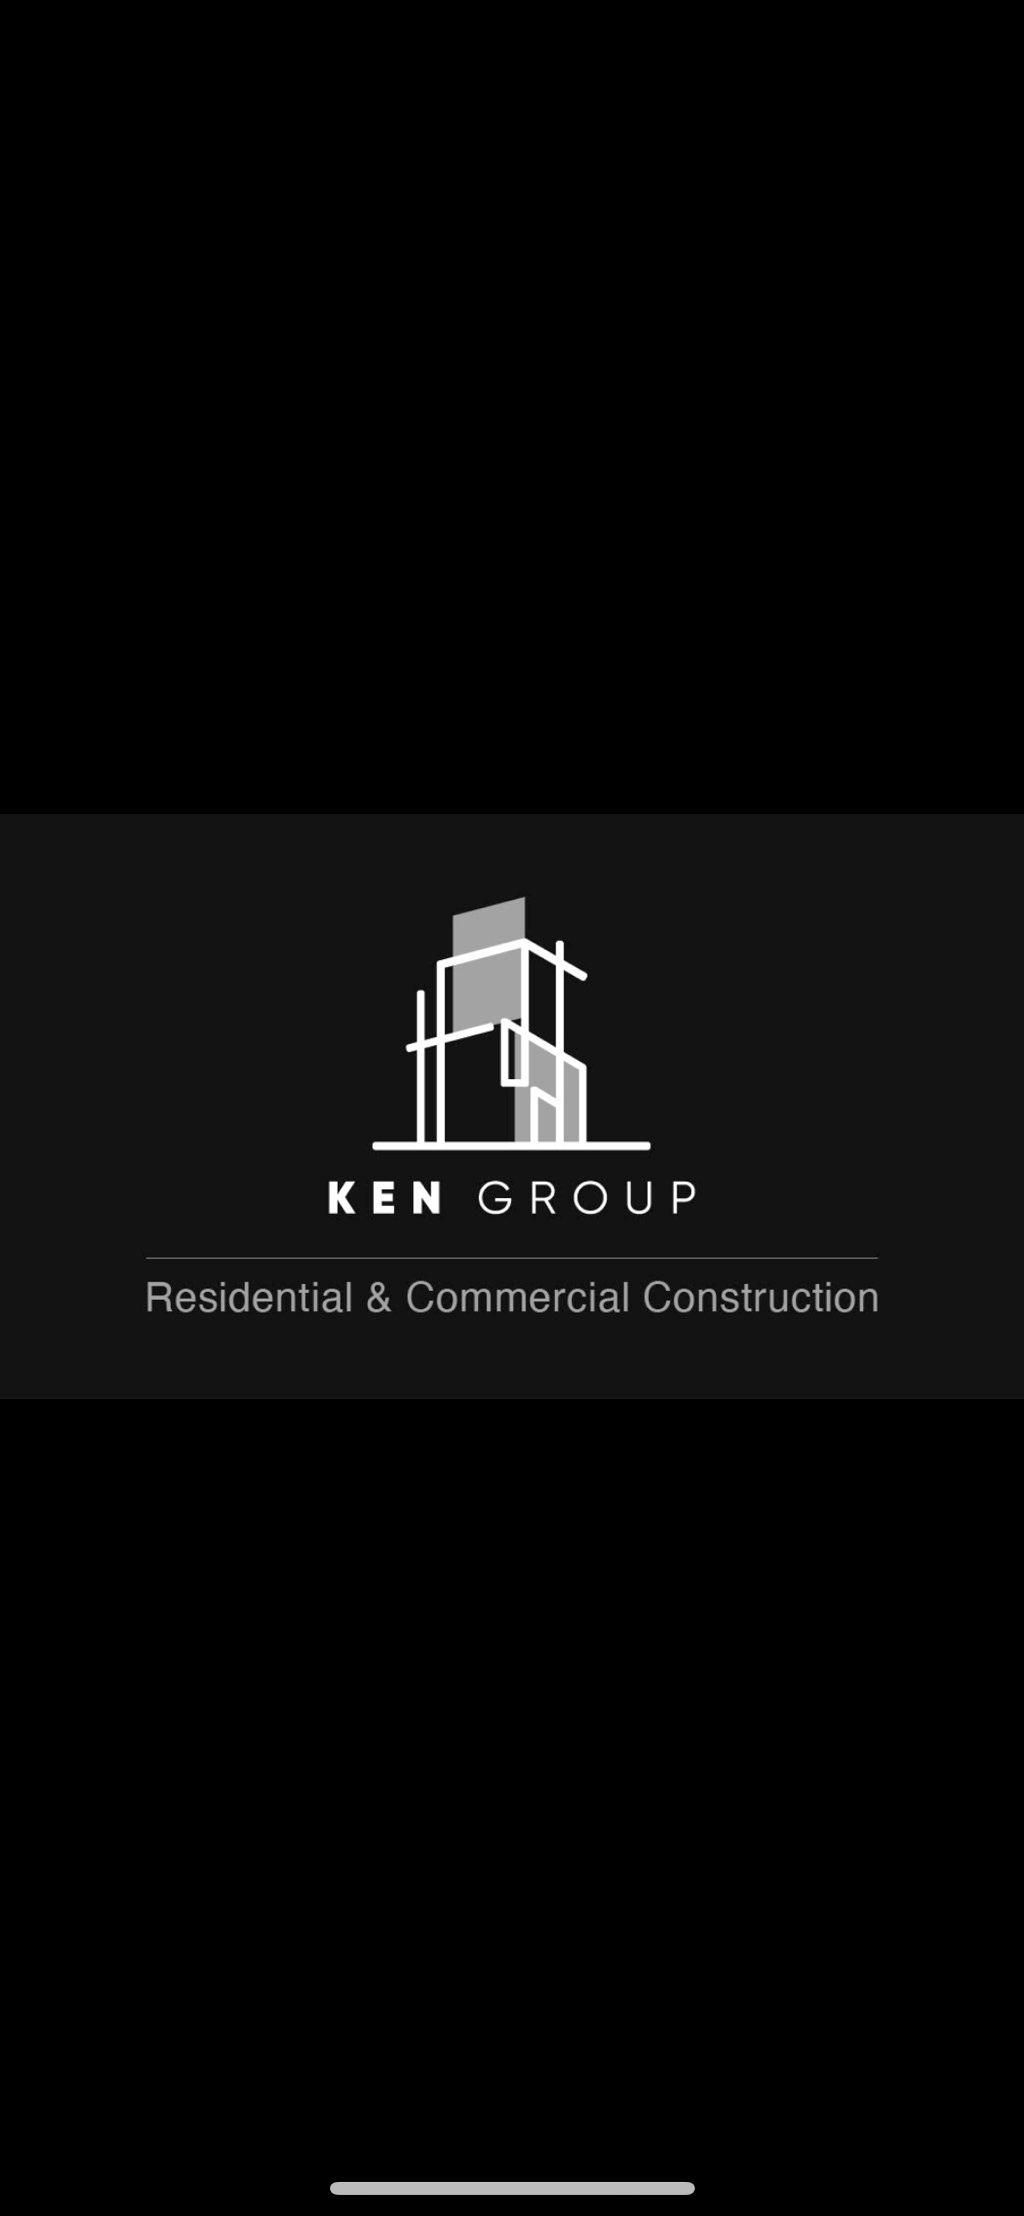 Ken group LLC